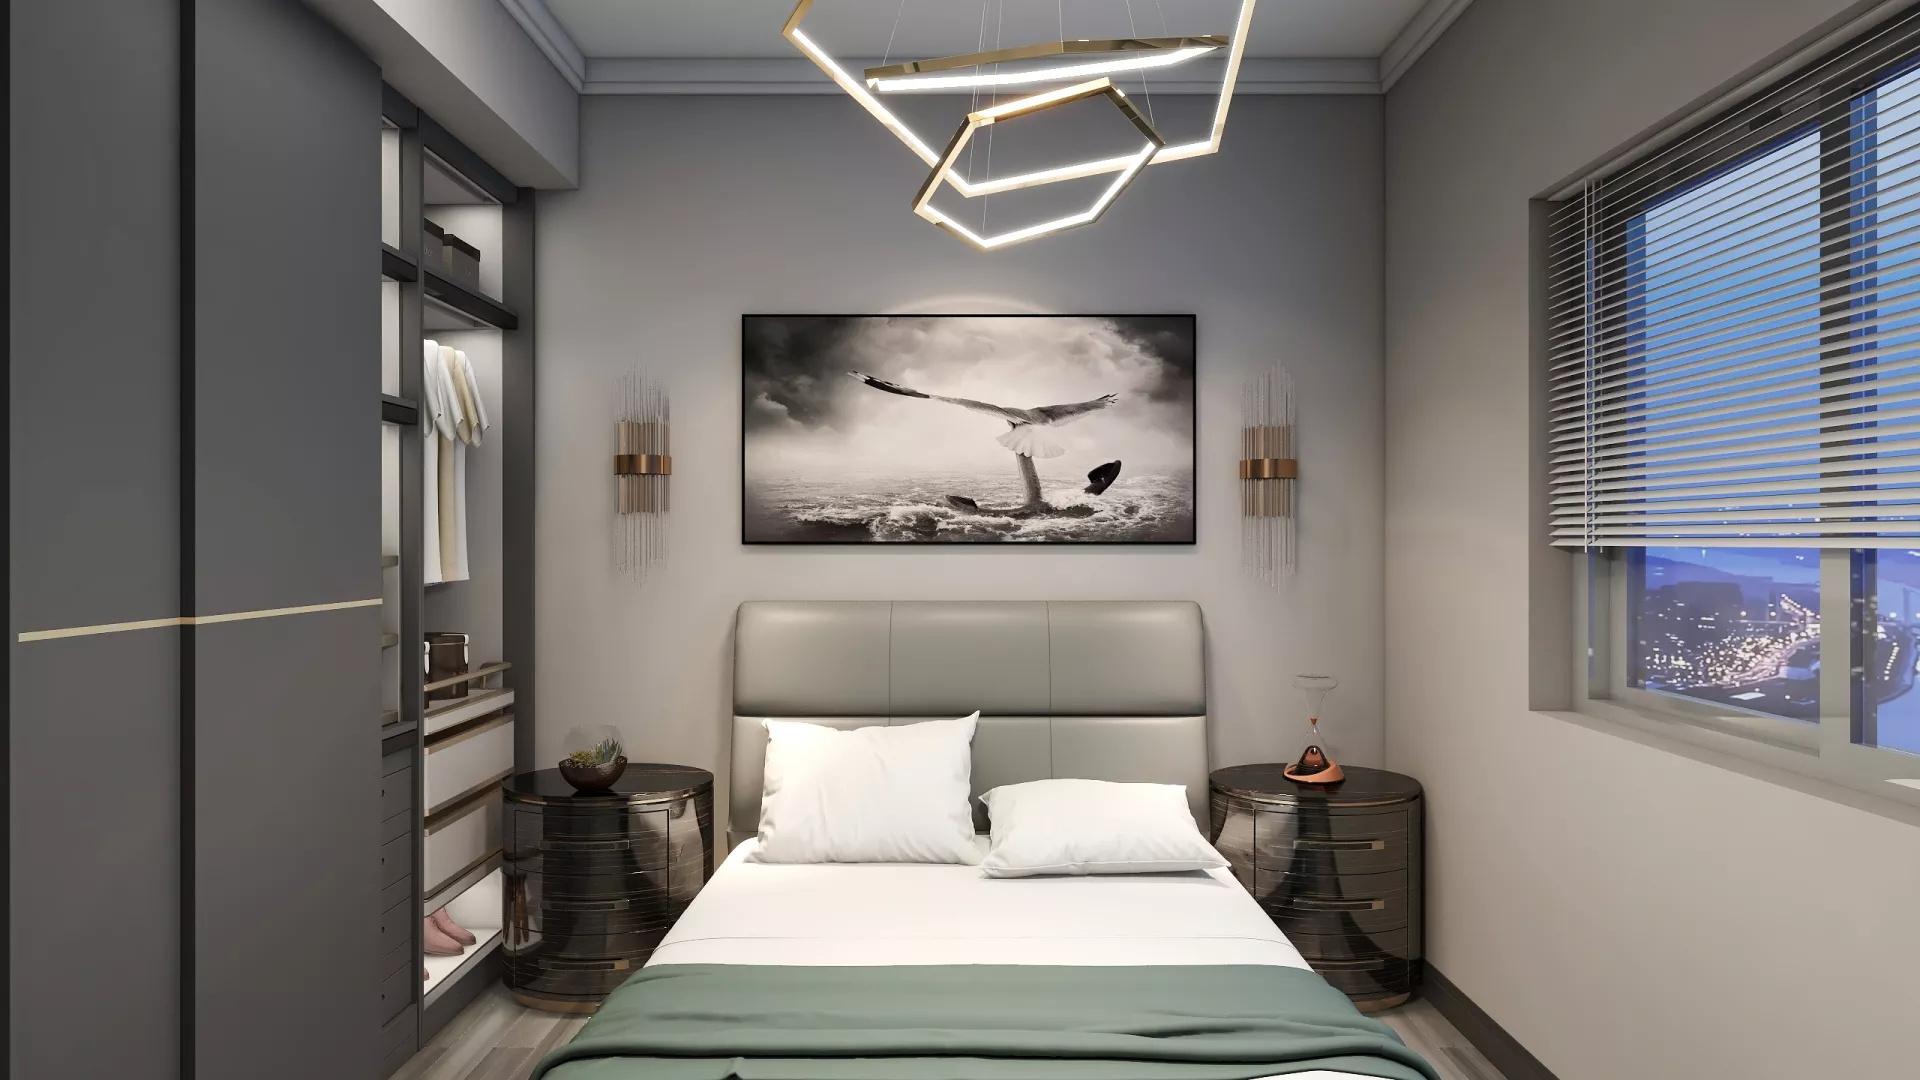 客厅,简约风格,沙发,灯具,茶几,简洁,温馨